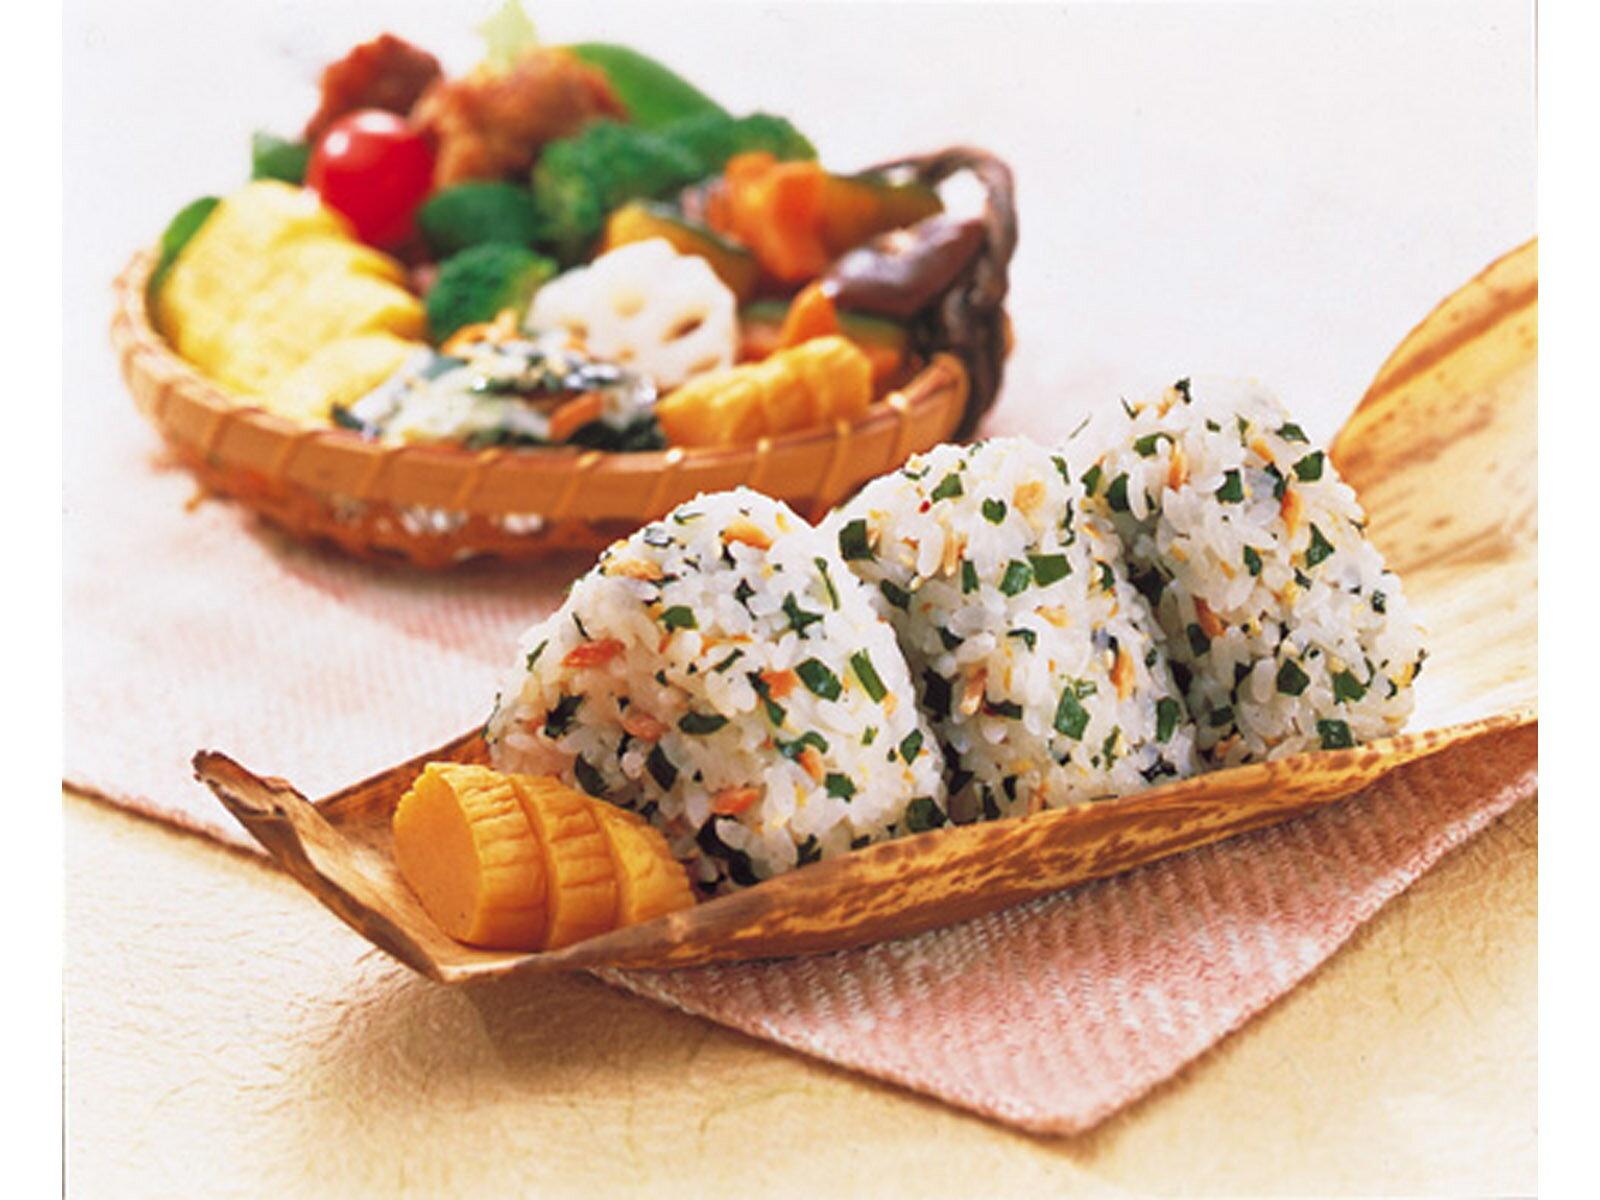 炊き込みわかめ 紅鮭(無着色) 20gの紹介画像2